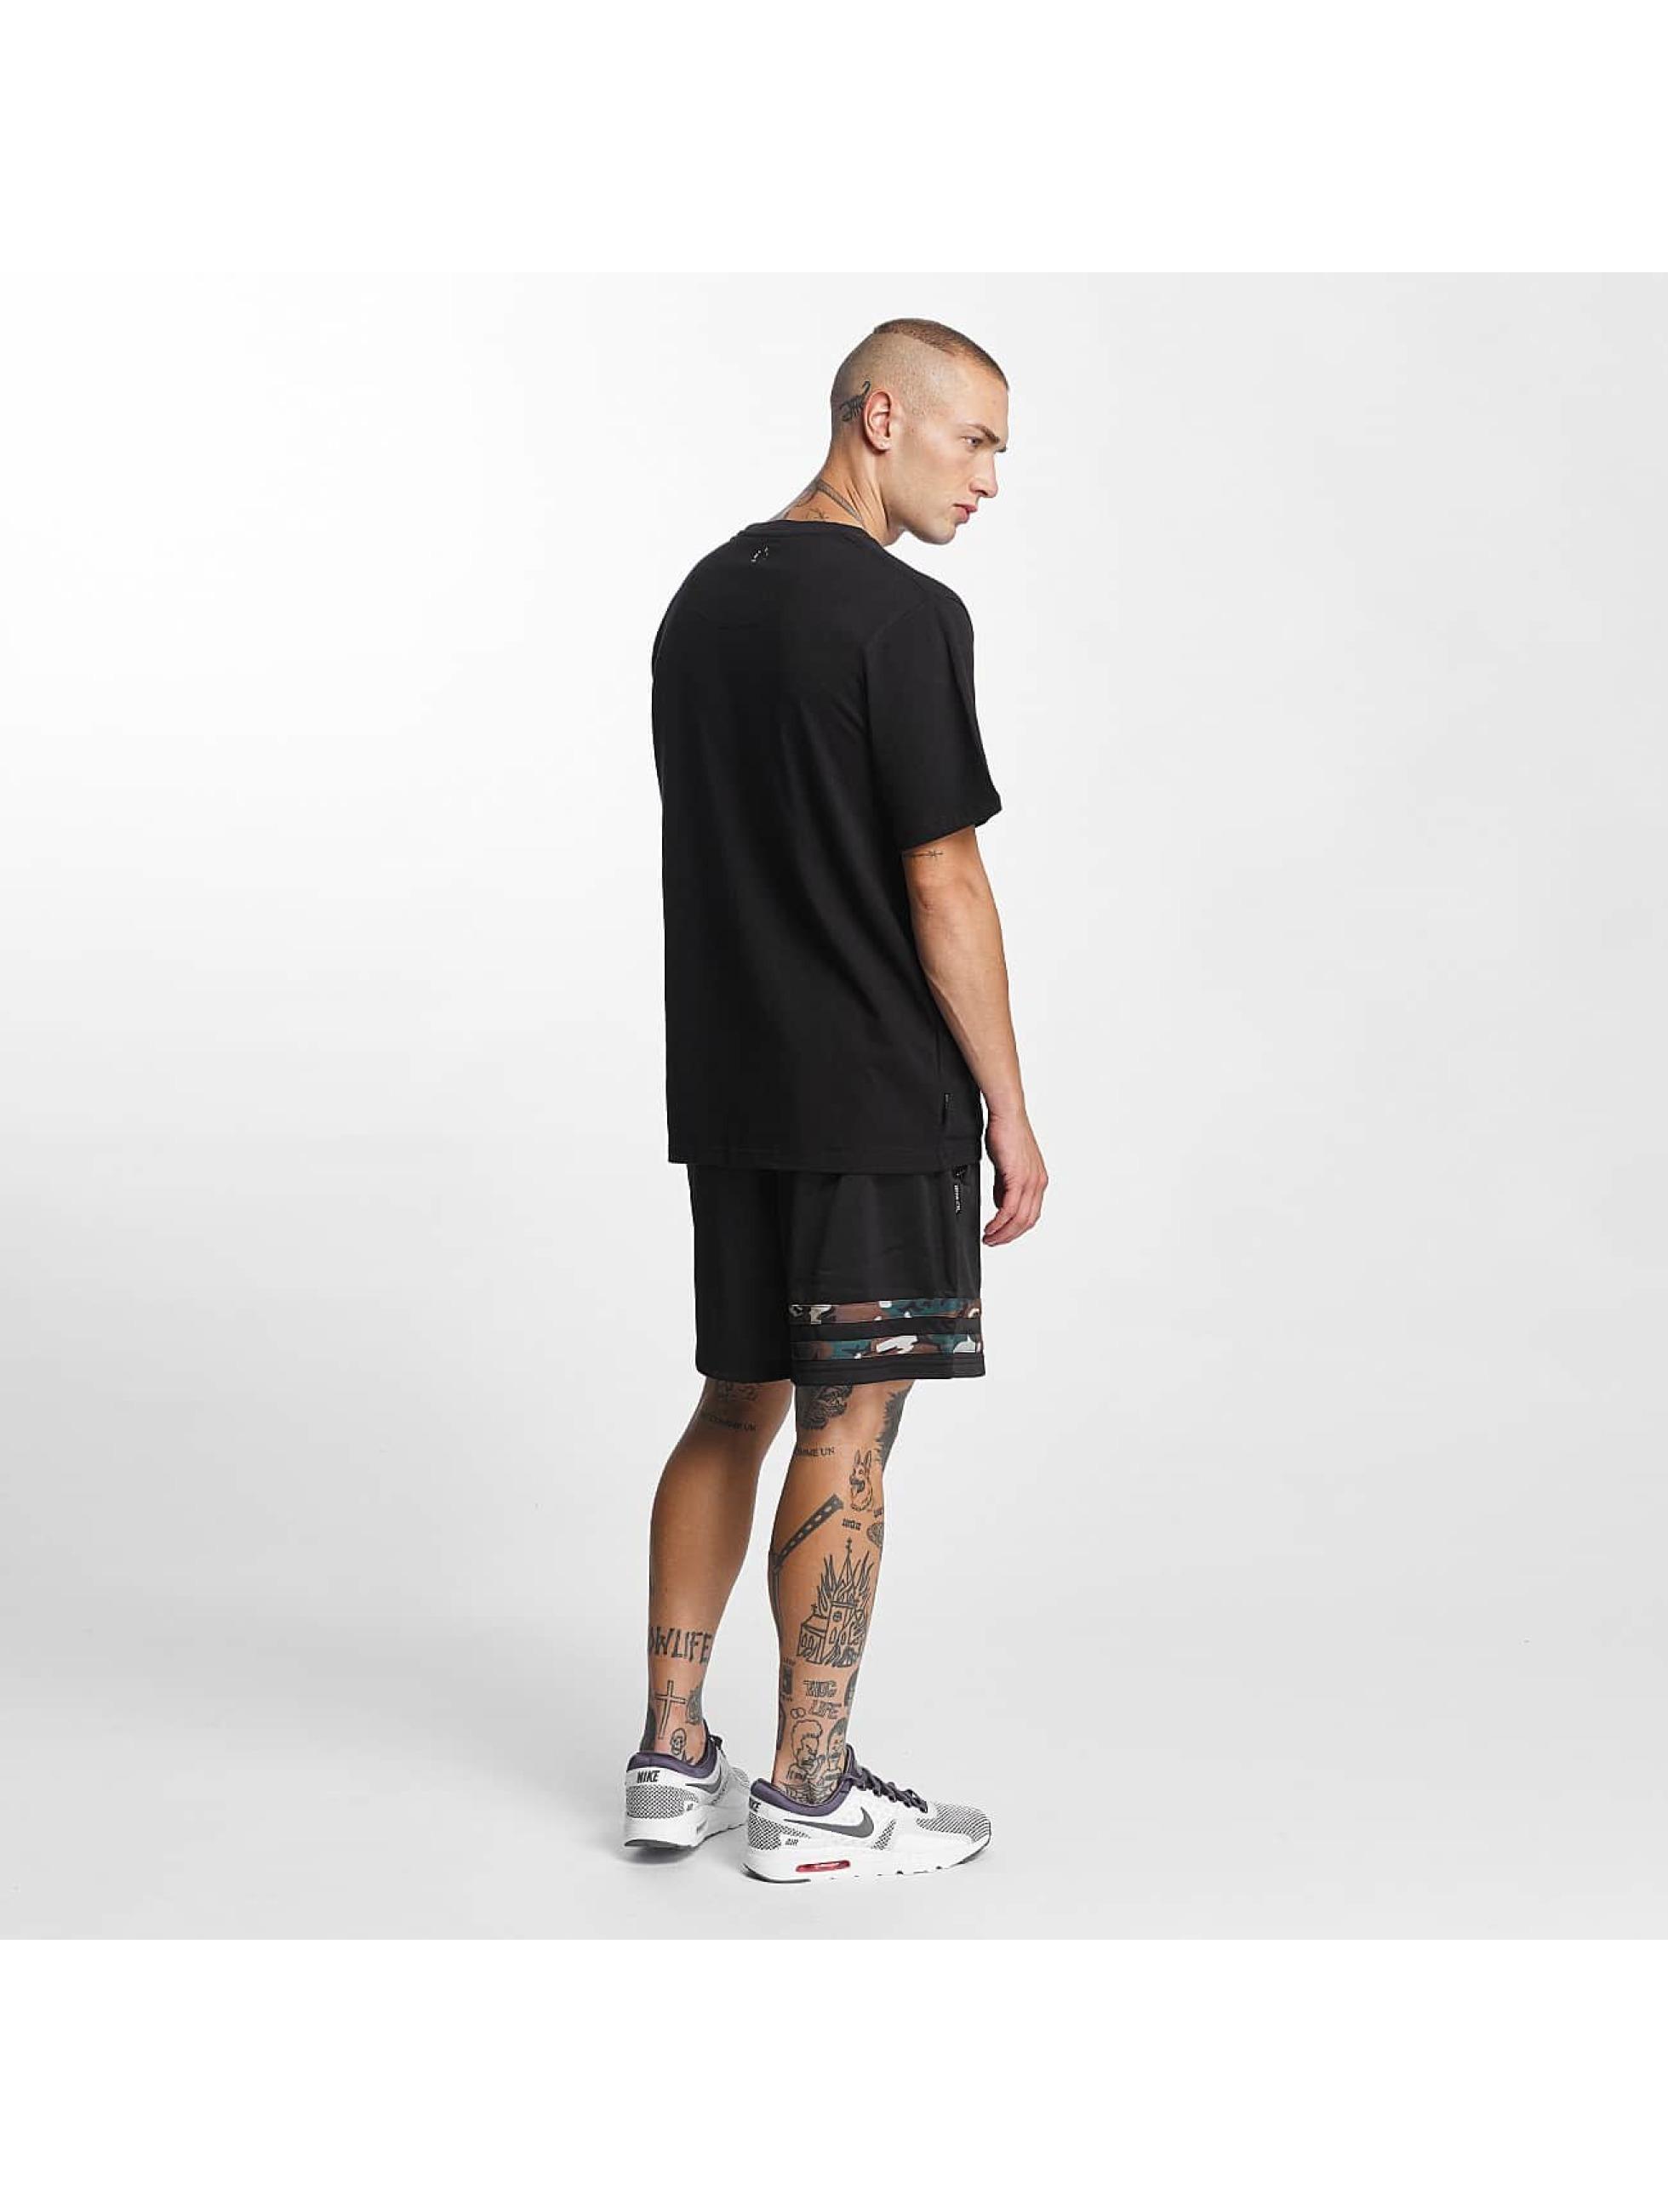 UNFAIR ATHLETICS Camiseta Classic Label negro